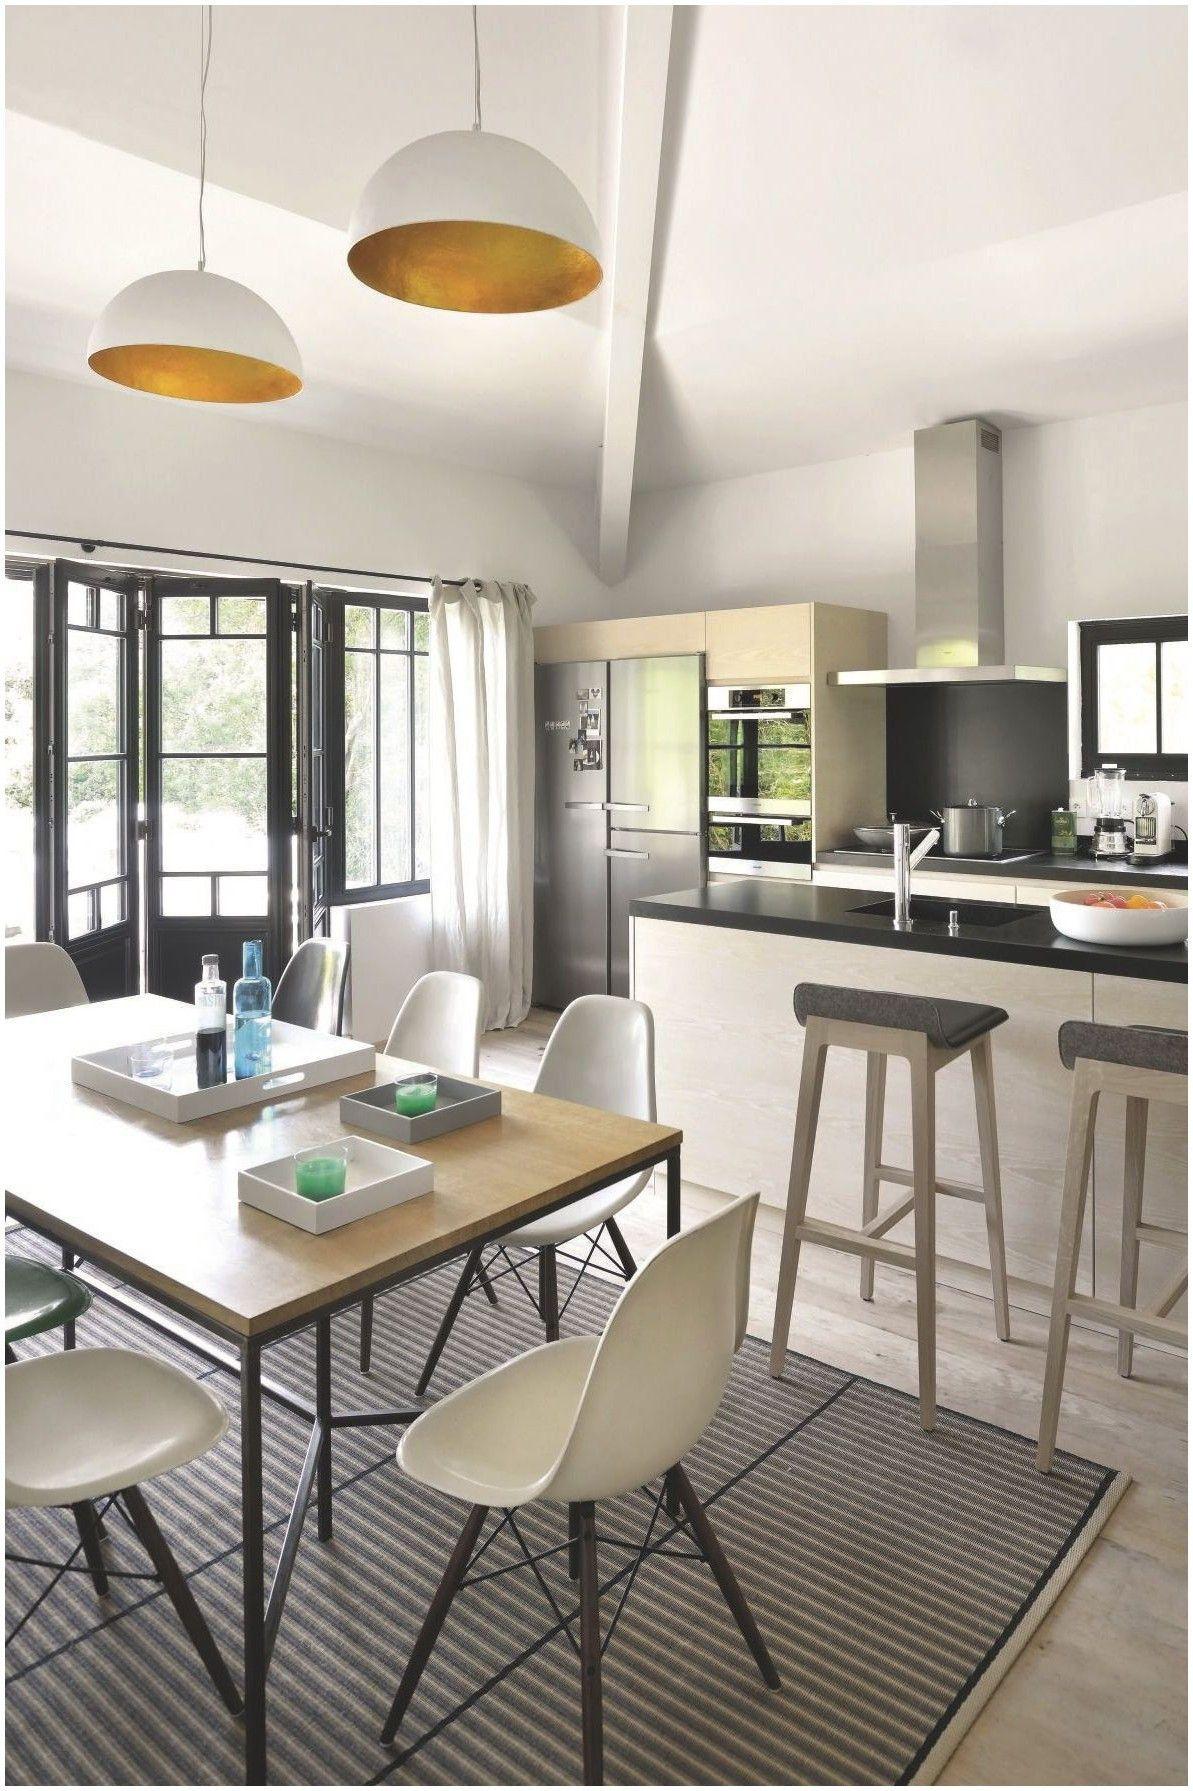 Luxury Aménagement Cuisine Salon 30M2 | Dining Room Small tout Cuisine Salon 30M2